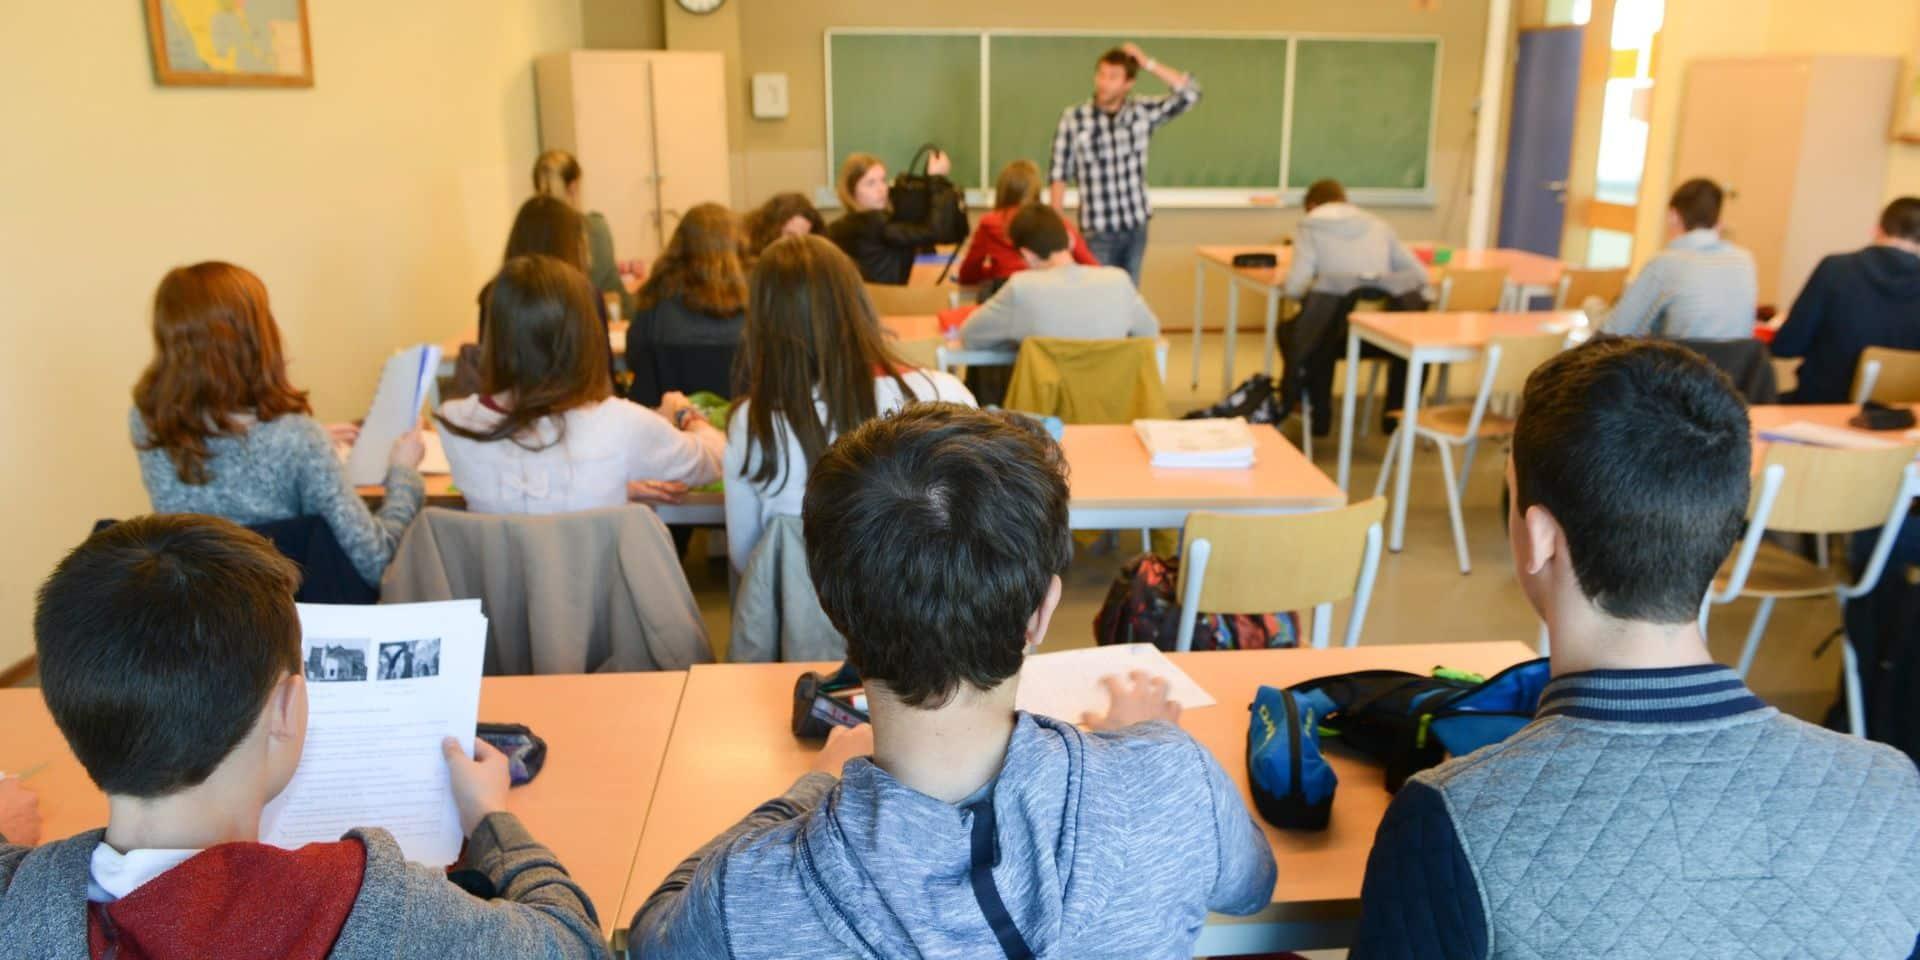 Un mois après la rentrée, les directeurs d'école sont déjà épuisés